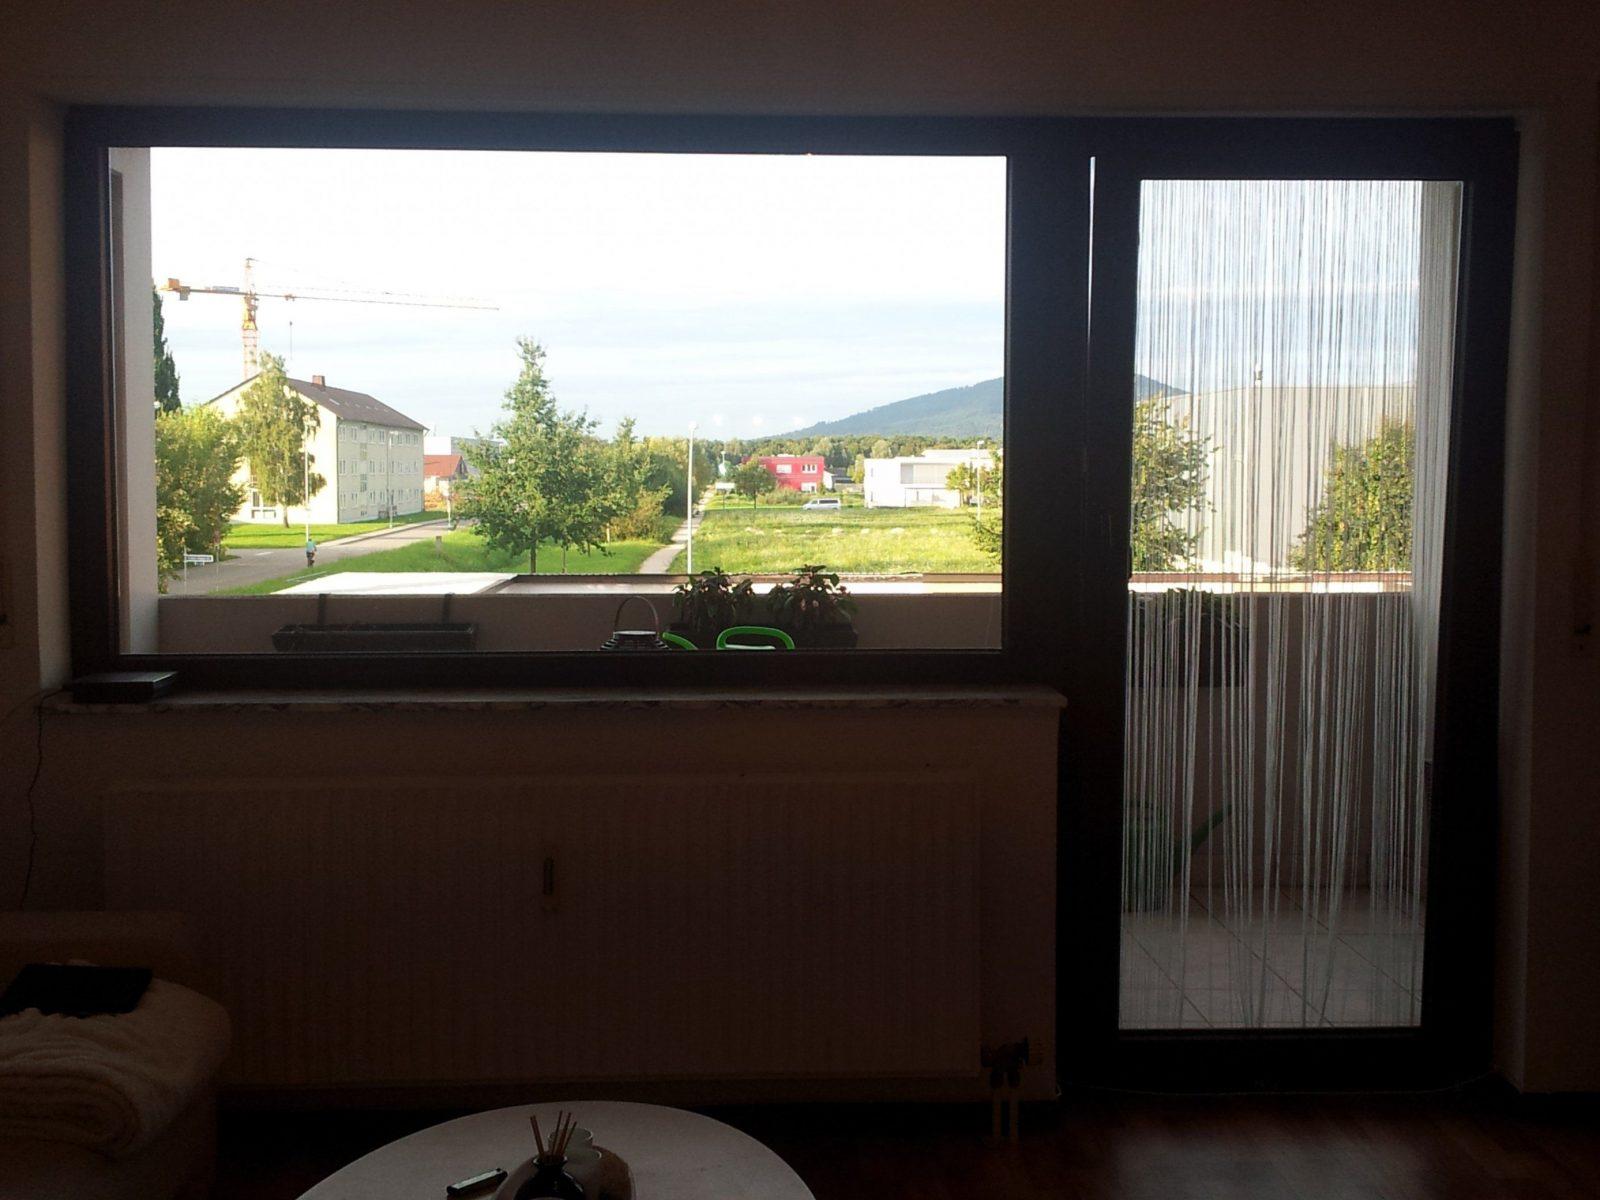 Hervorragend Gardinen Für Großes Fenster Mit Balkontür  Fenster von Gardinen Balkontür Und Fenster Photo